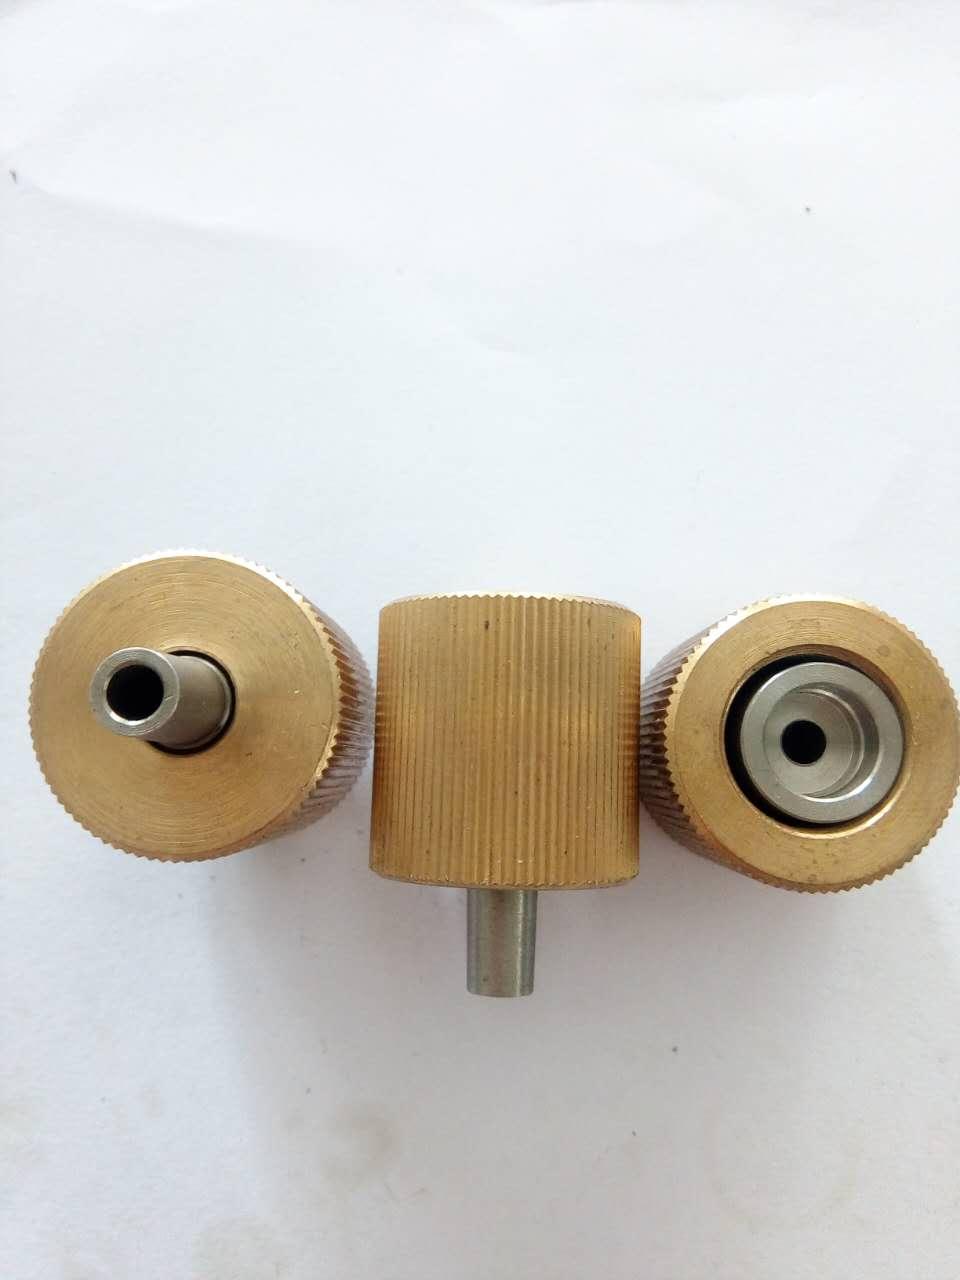 特价批发供应台湾穿孔机铜螺母    台湾穿孔机铜螺母